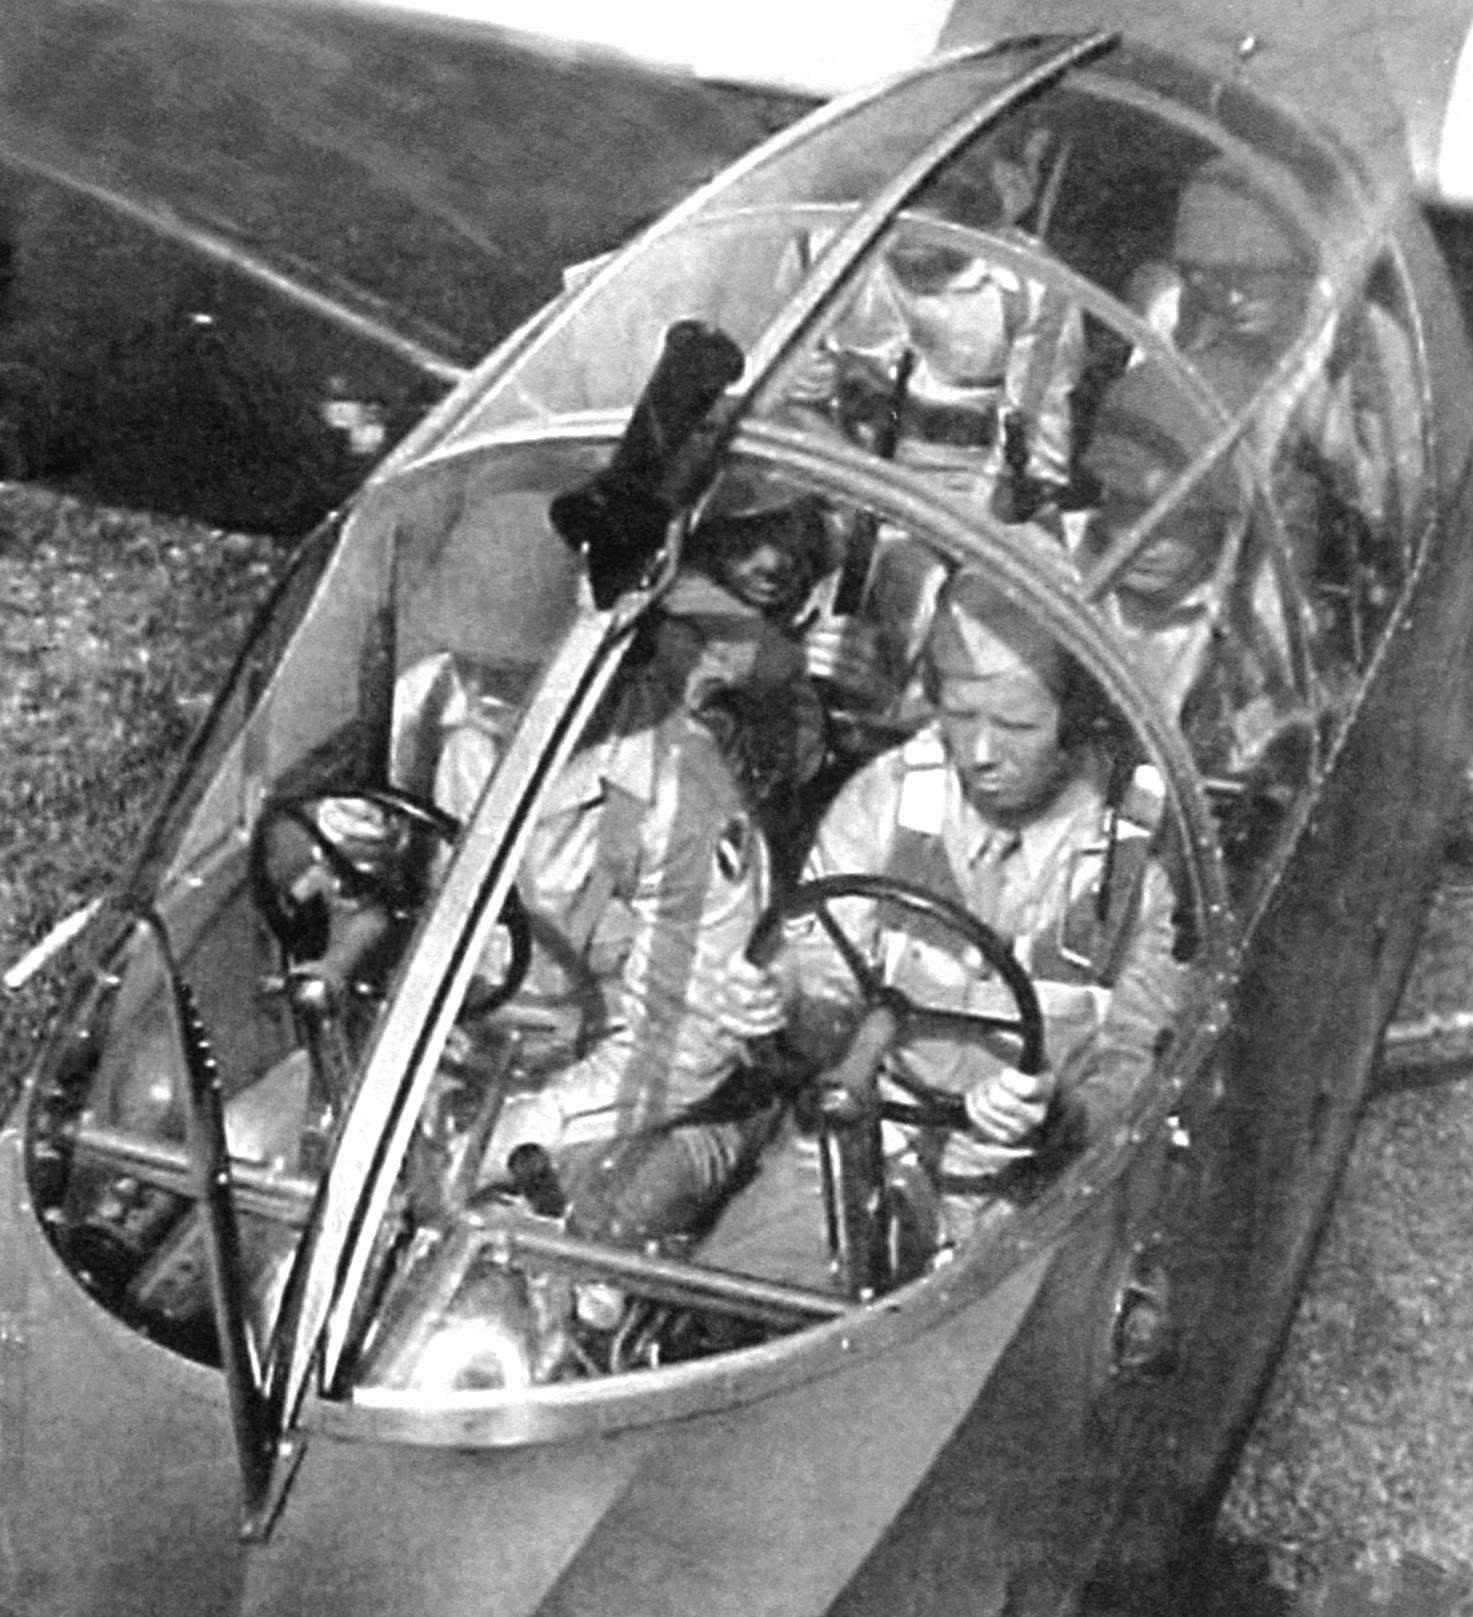 Опытный образец планёра СG-3. Под фонарём виден пилот в левом кресле и десантники. На десантниках - каски, а пилот - в пилотке. Он явно не собирается бегать по полю с винтовкой и отрабатывать приёмы наземного боя. Пилот имеет наушники, значит, на планёре установлена радиостанция. На левом борту виден воздухозаборник системы вентиляции. Перед козырьком фонаря на мачте-трубка ПВД, а на верху козырька-трубка Вентури. Ещё одна такая же трубка установлена на правом борту